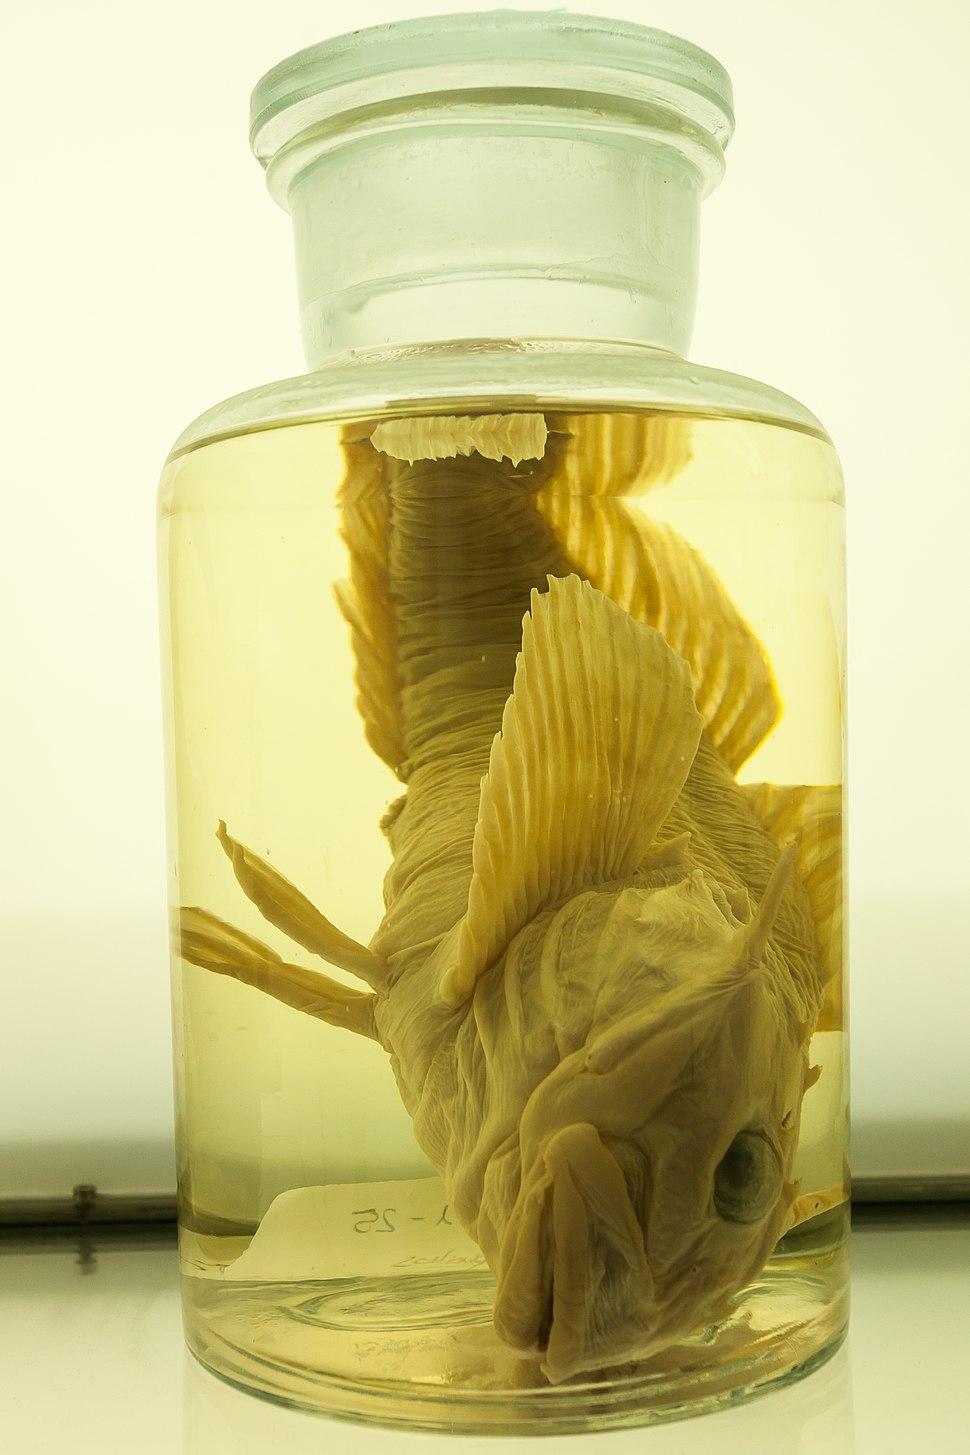 2018. Myoxocephalus octodecemspinosus (Mitchil 1814). Museo do Mar de Galicia